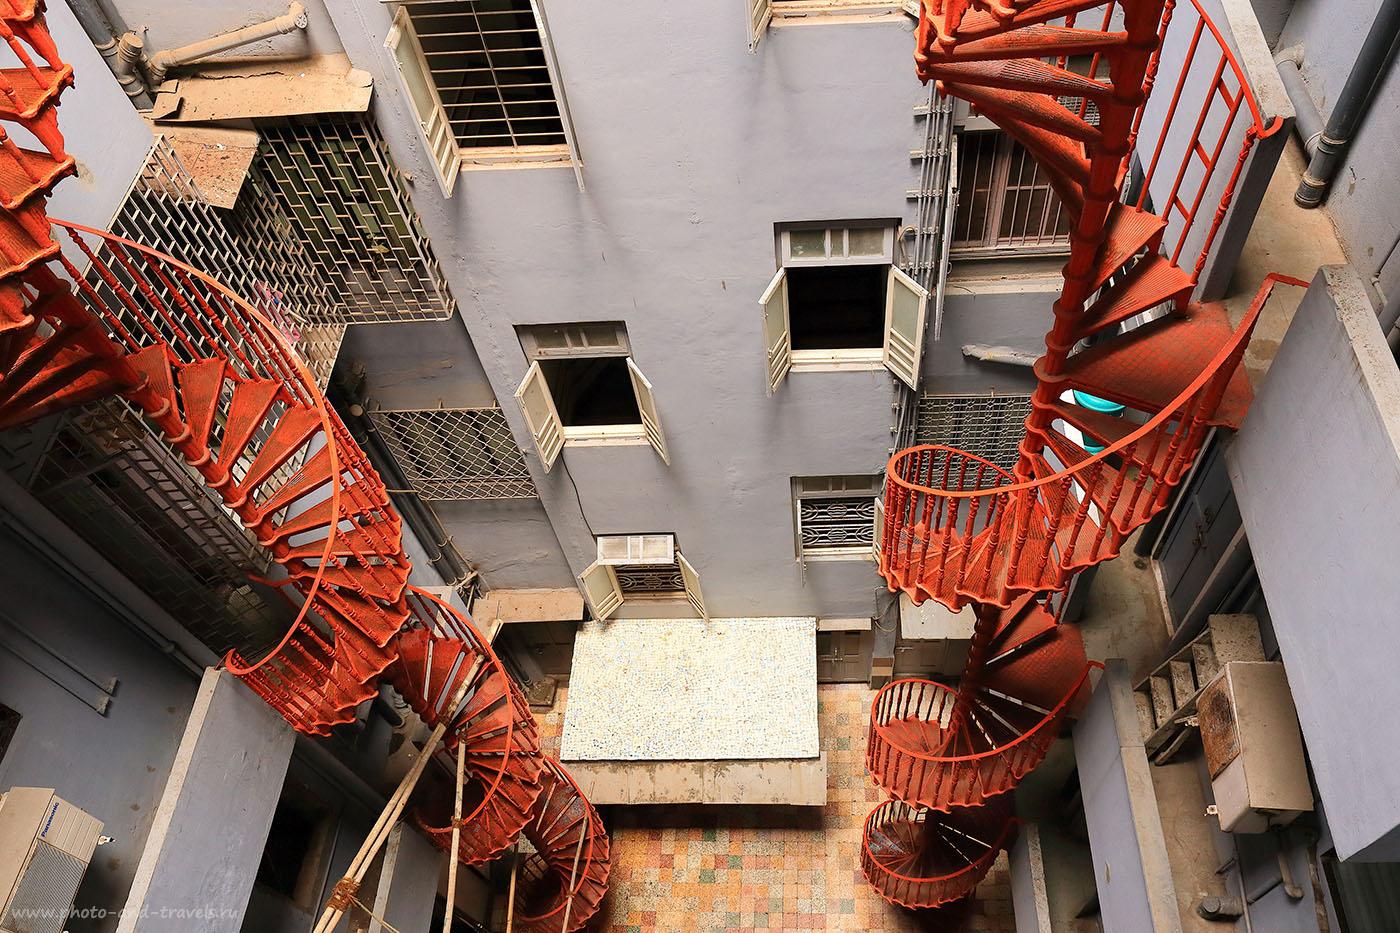 Фотография №8. Колодец двора отеля в Мумбаи. Отчет о самостоятельном путешествии по Индии (24-70, 1/60, -1eV, f9, 24 mm, ISO 500)